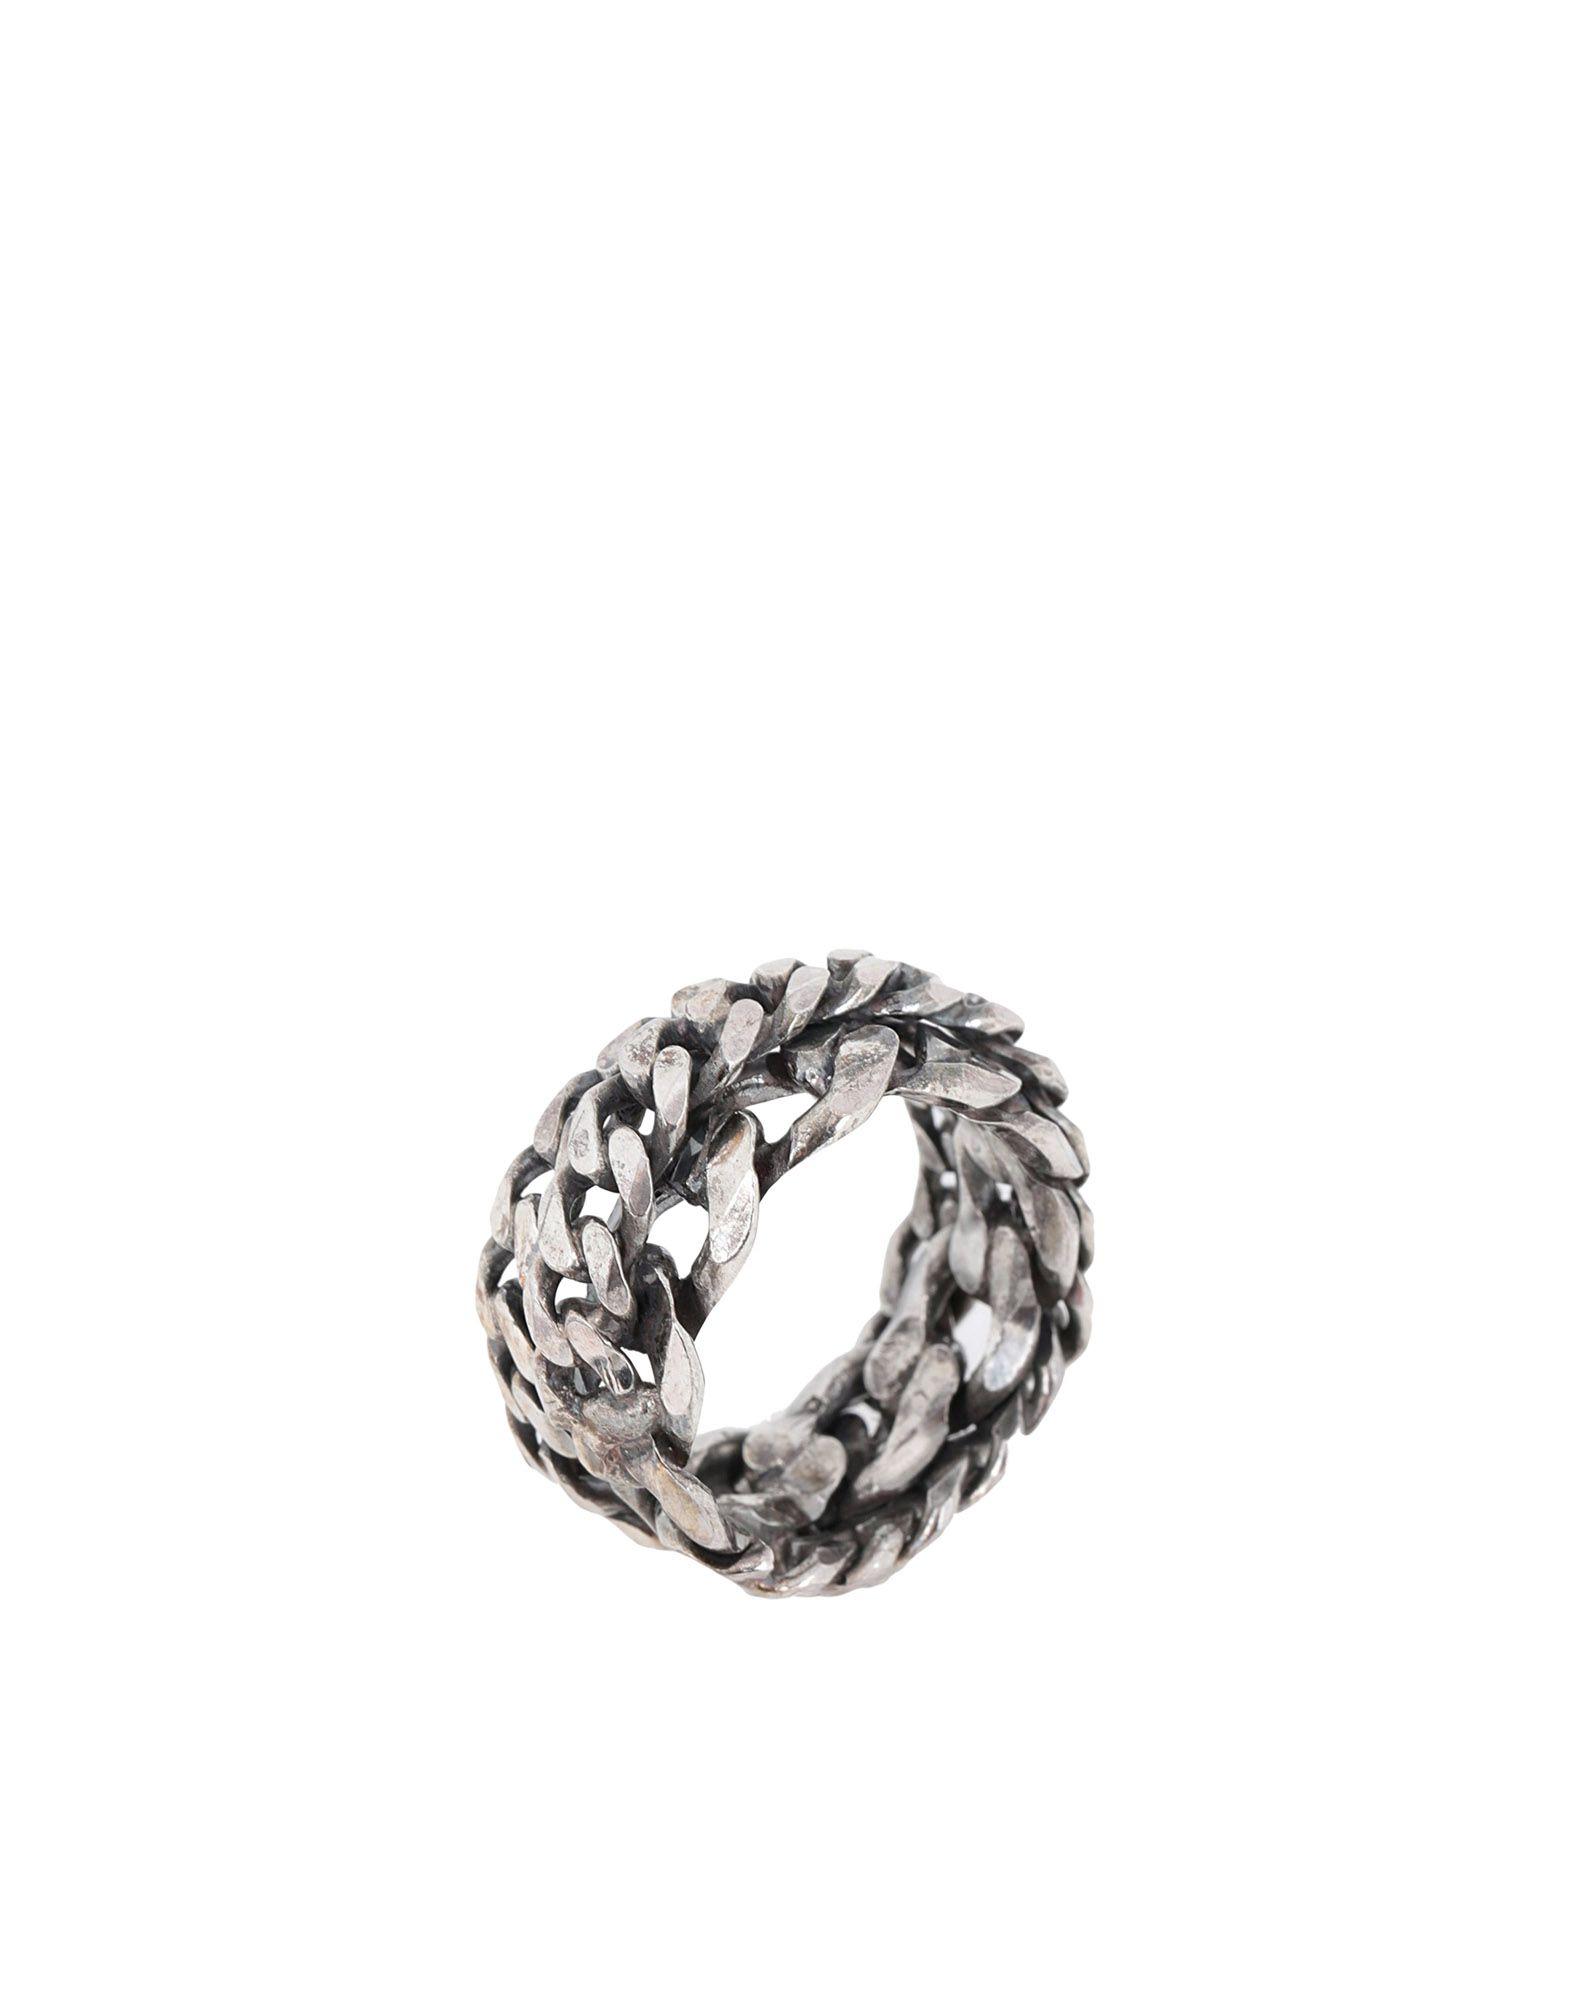 《送料無料》EMANUELE BICOCCHI メンズ 指輪 シルバー 23 金属